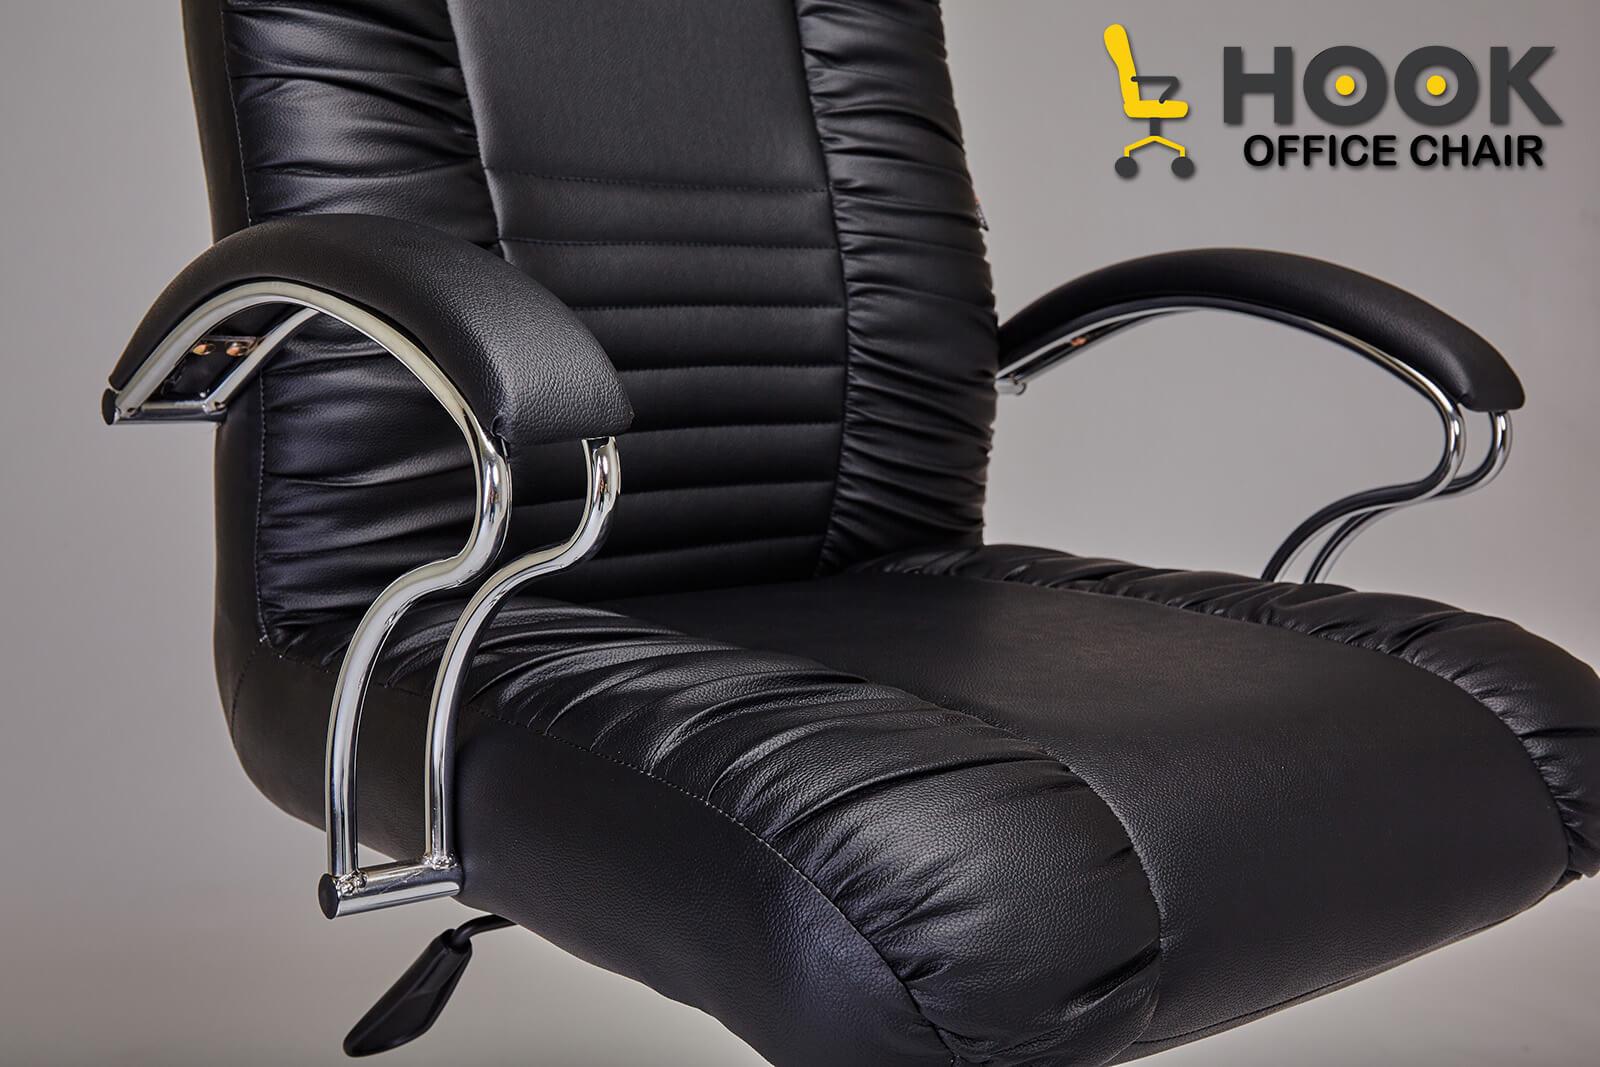 เก้าอี้ผู้บริหาร เก้าอี้สำนักงาน รุ่น H04-007